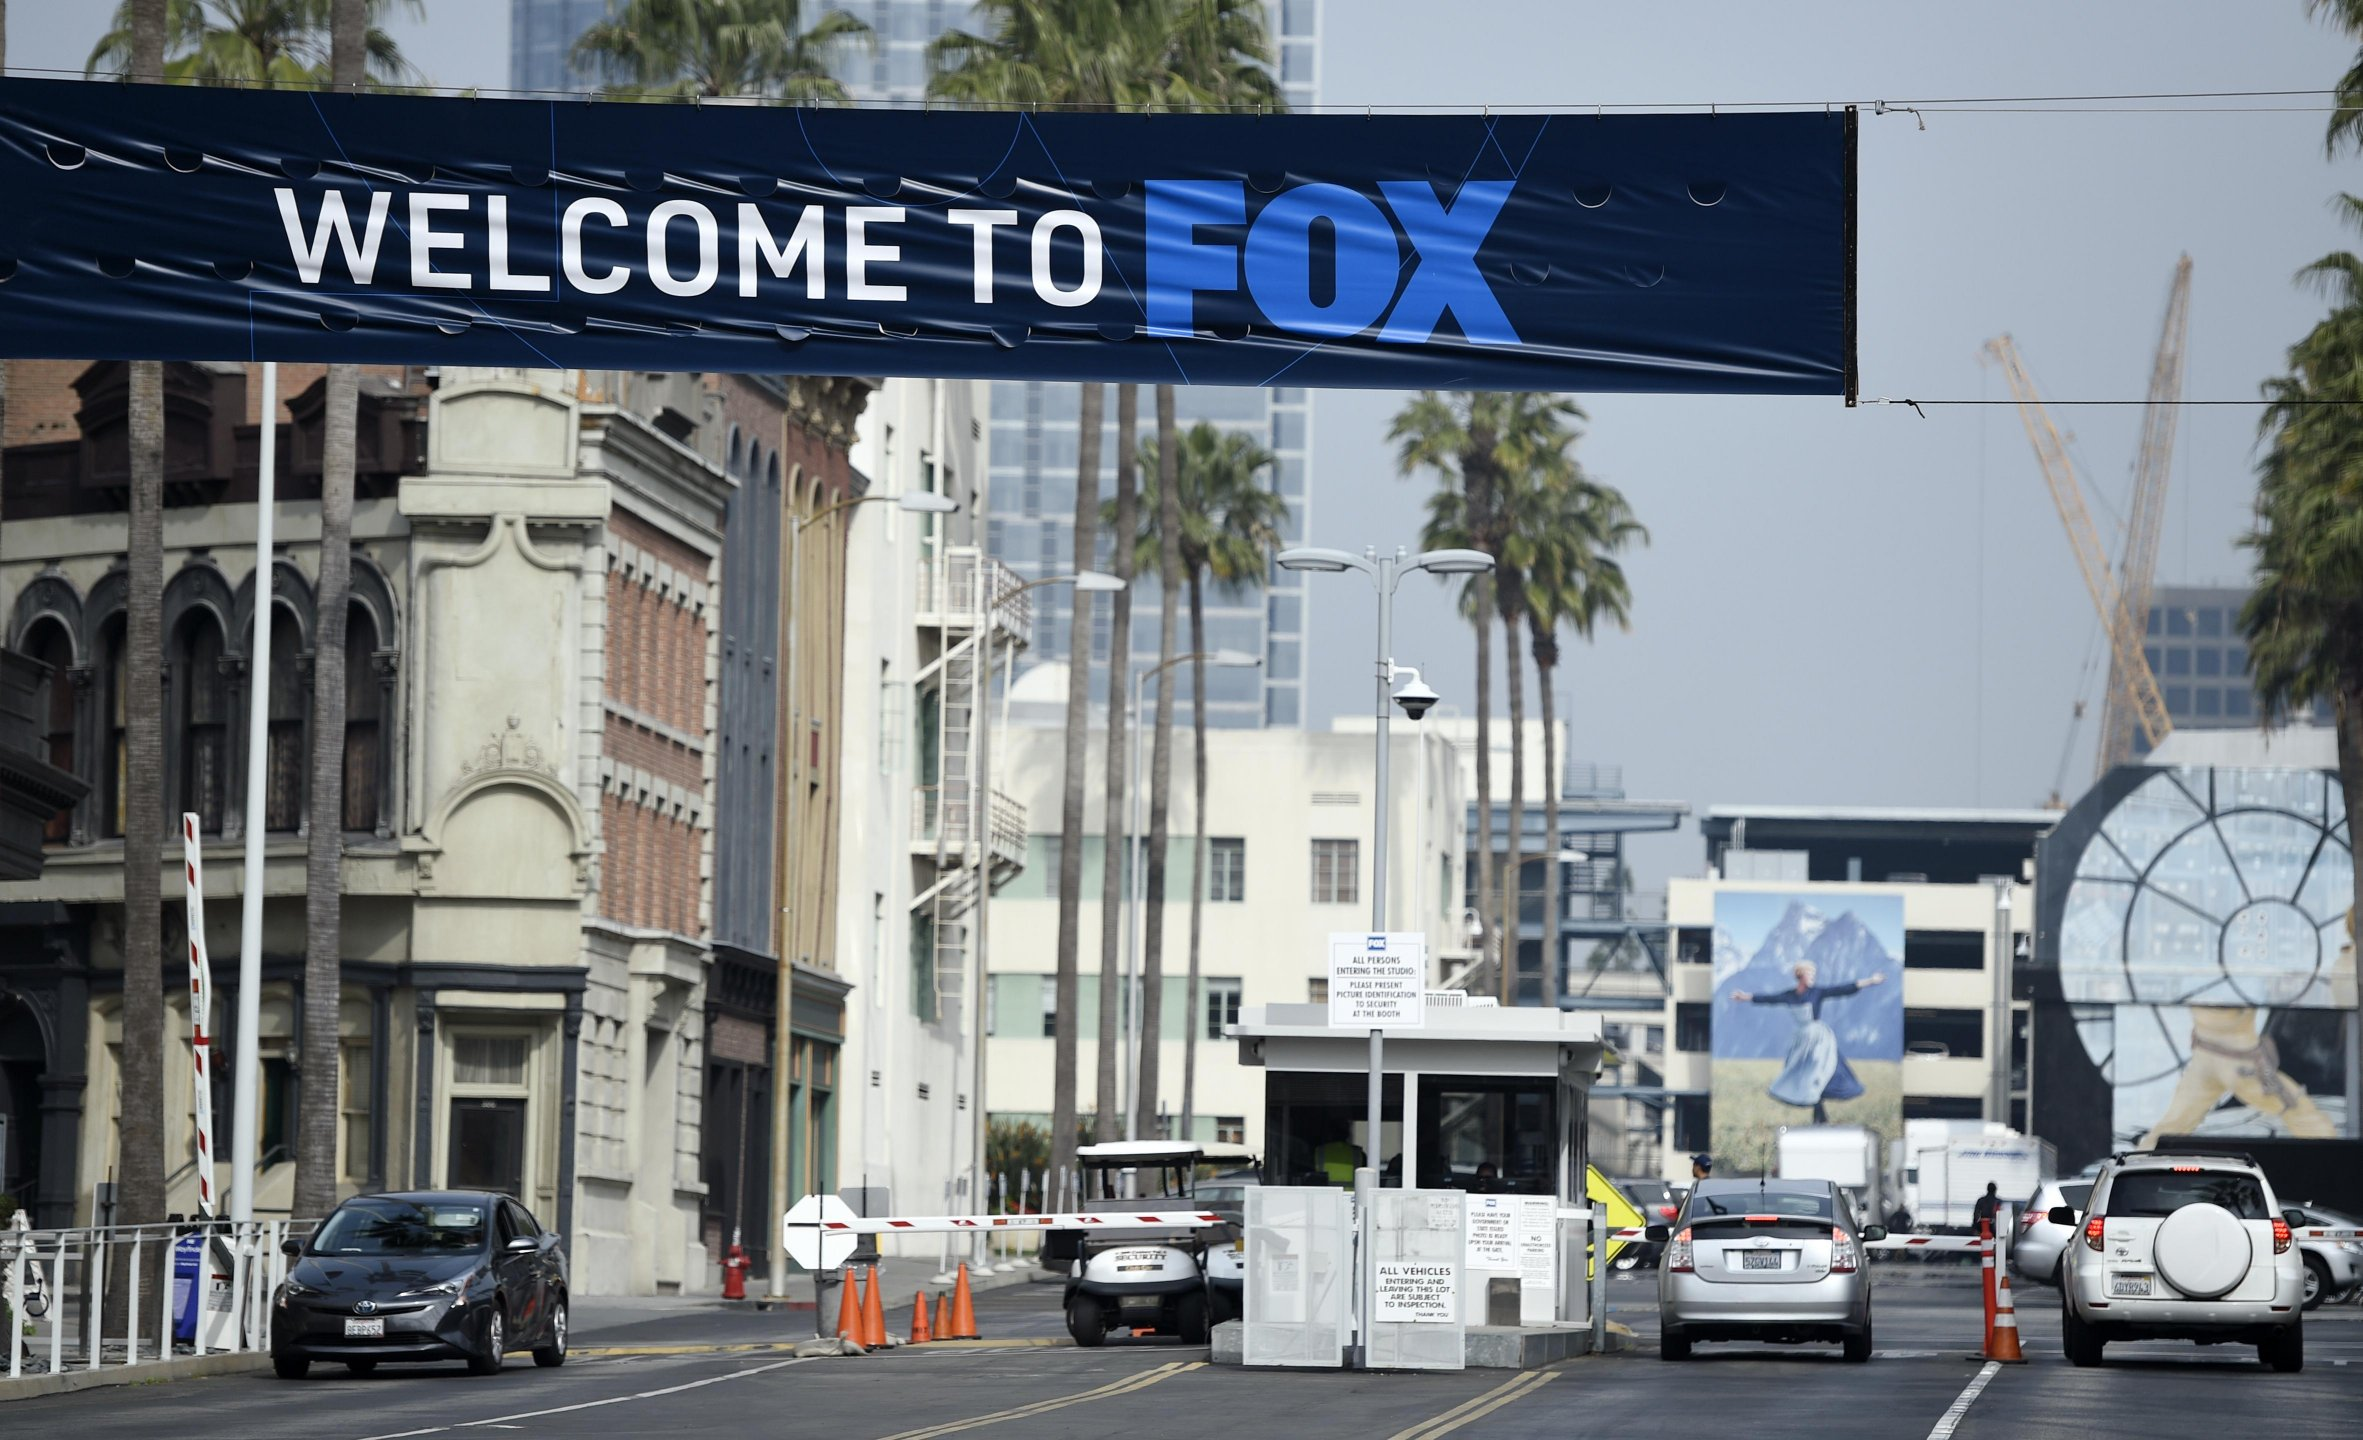 Disney completa acquisto Fox, si apre una nuova era